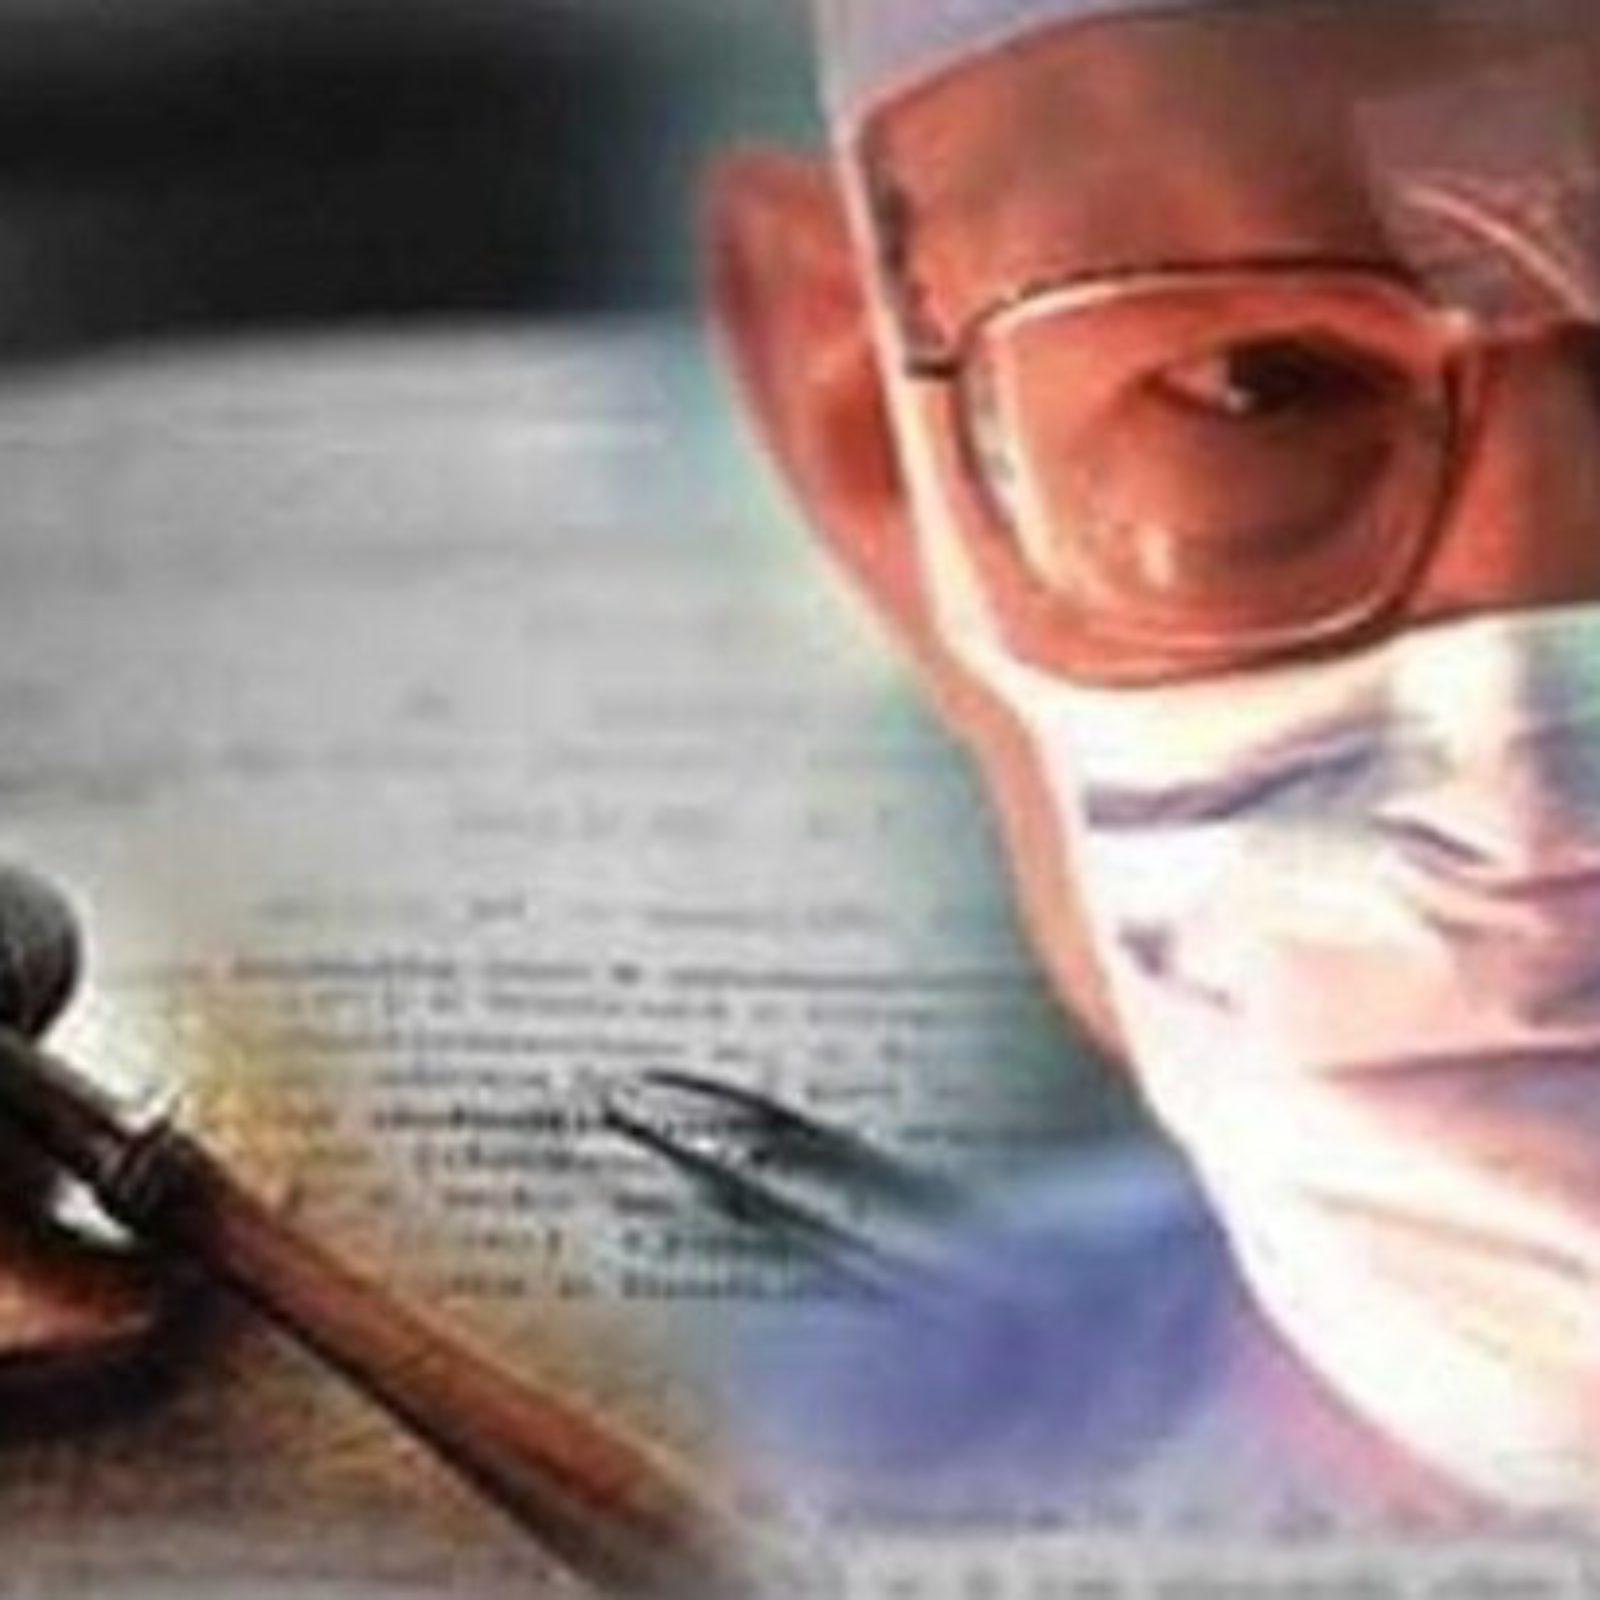 Responsabilità risarcitoria del medico: la Cassazione torna a parlare di danno morale